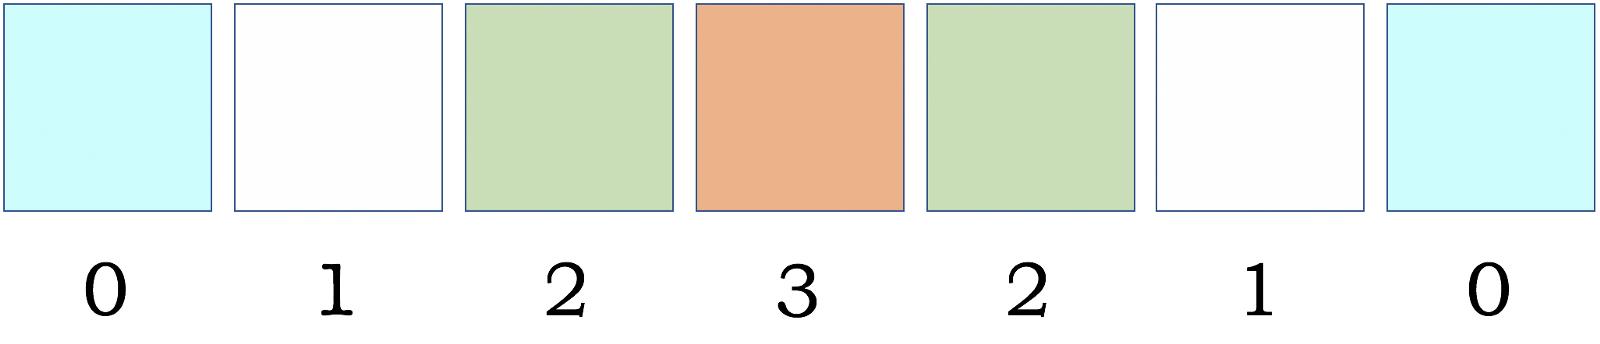 Как создать процедуральный арт менее чем за 100 строк кода - 7